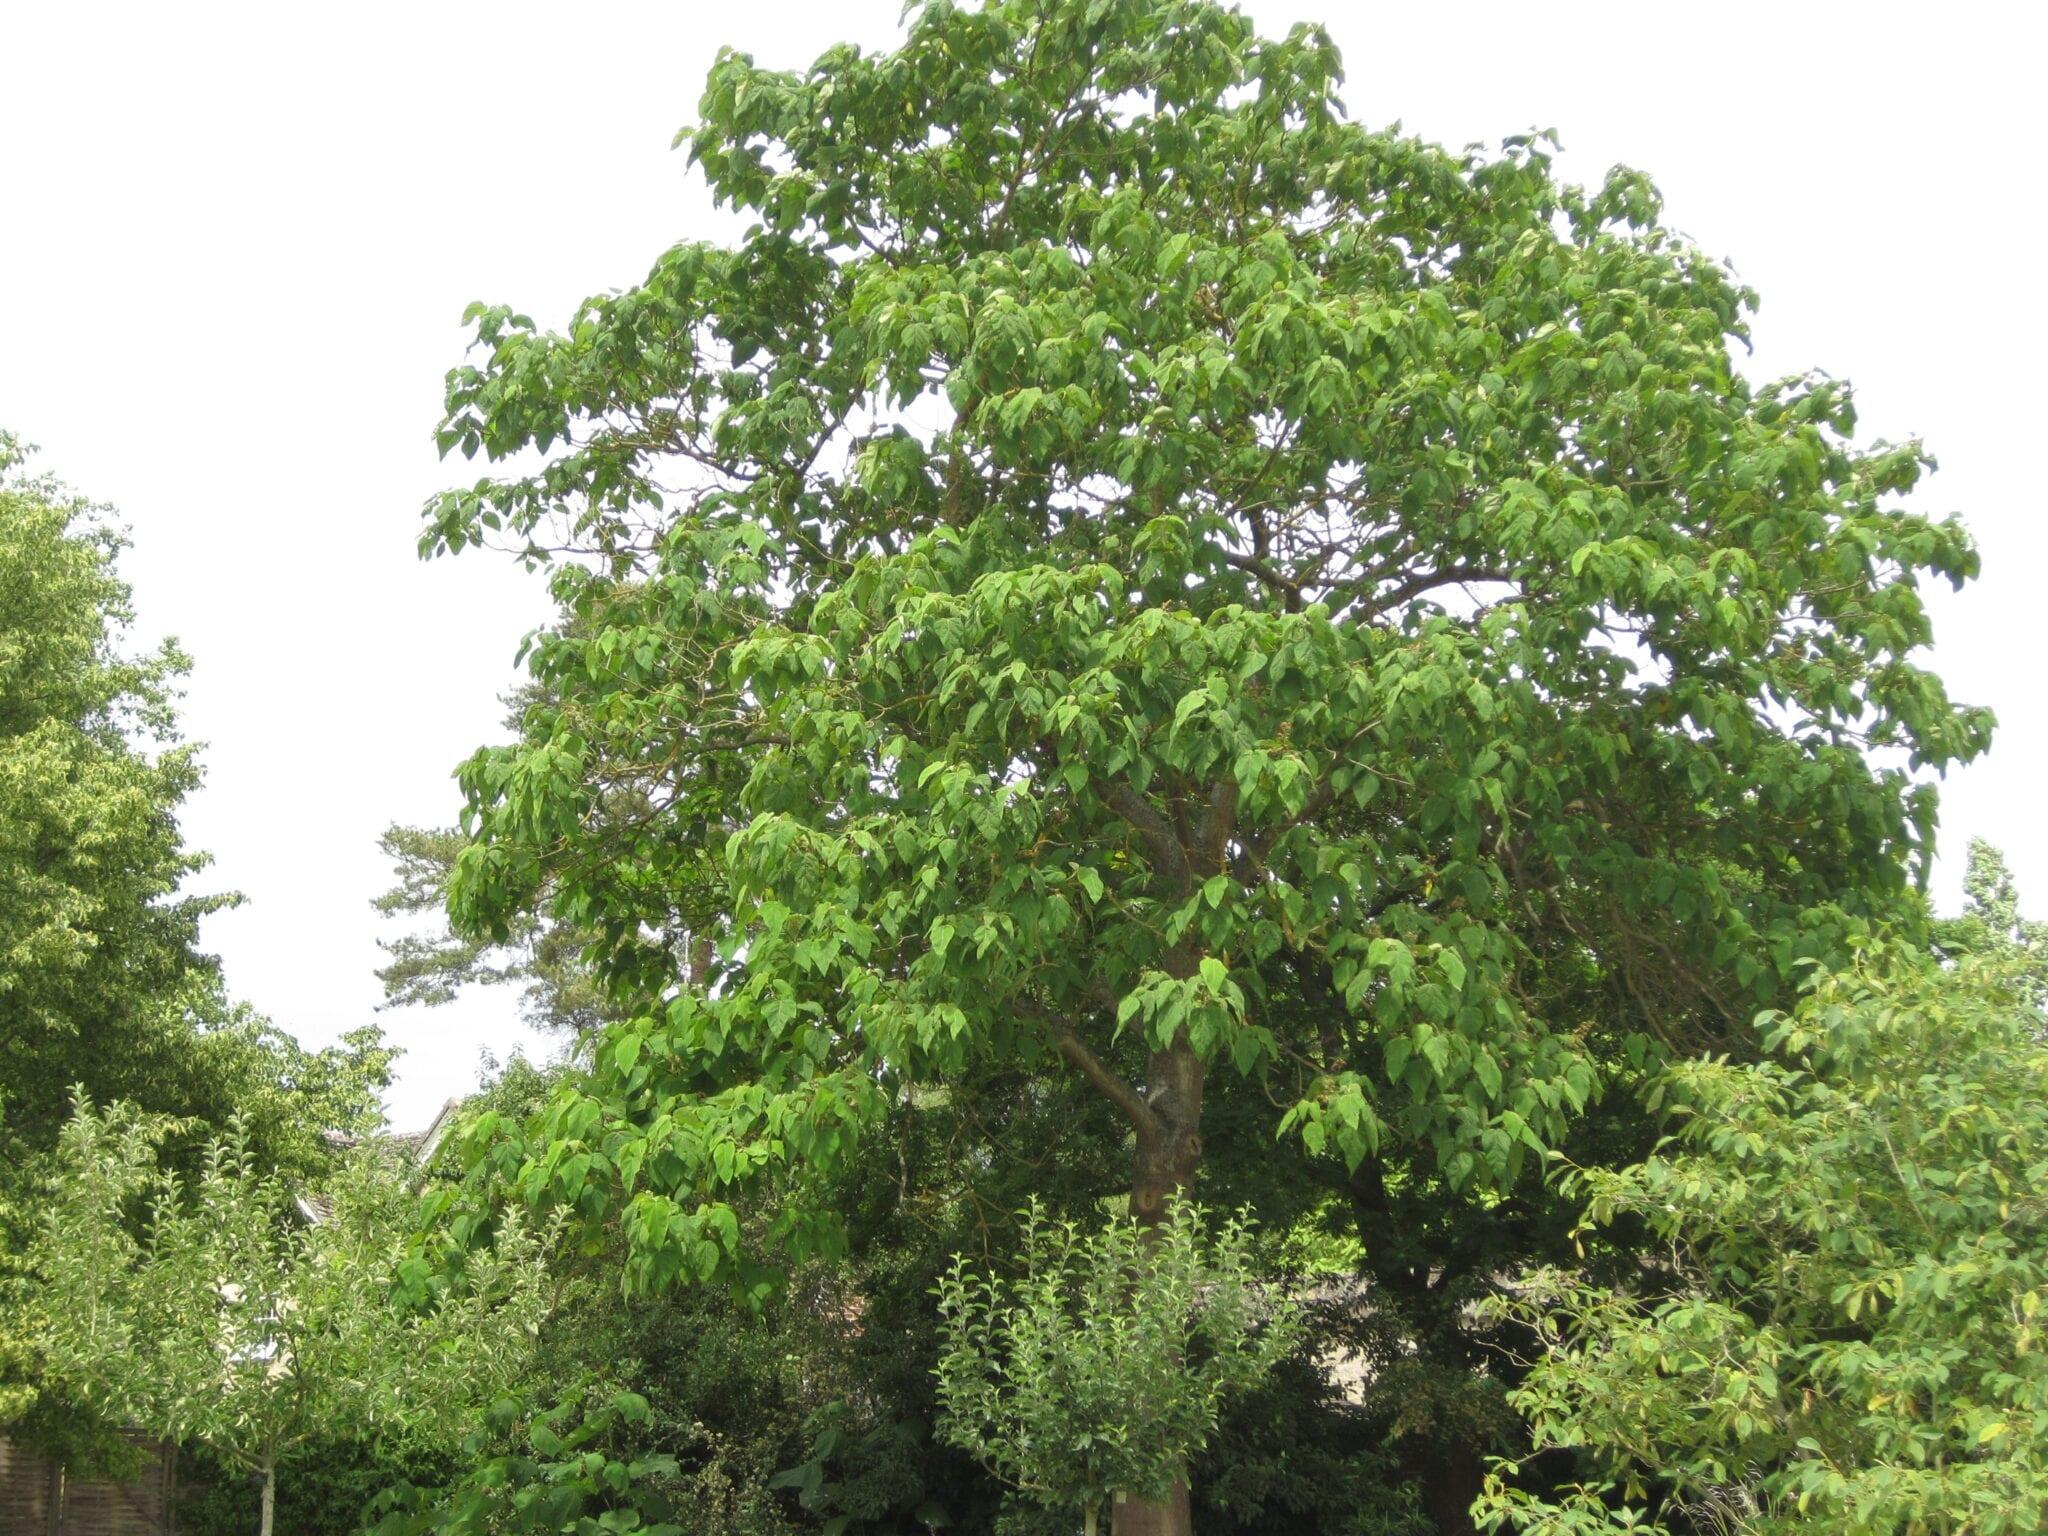 foxglove tree in July